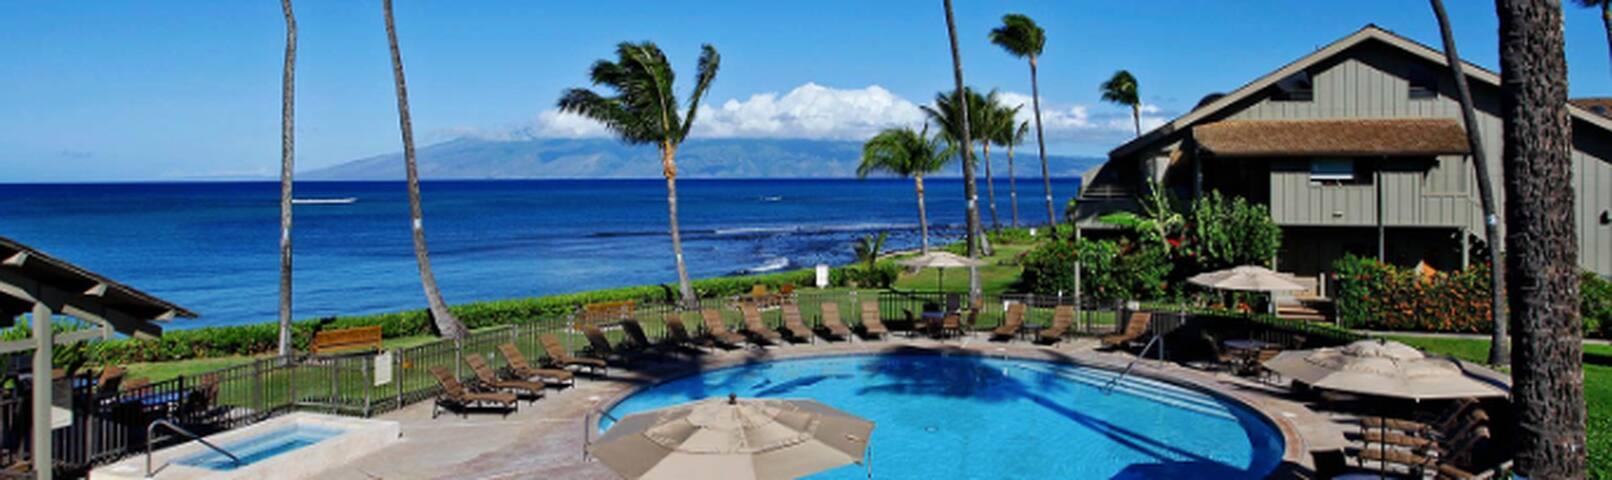 Kahana Villa Vacation Club Reviews